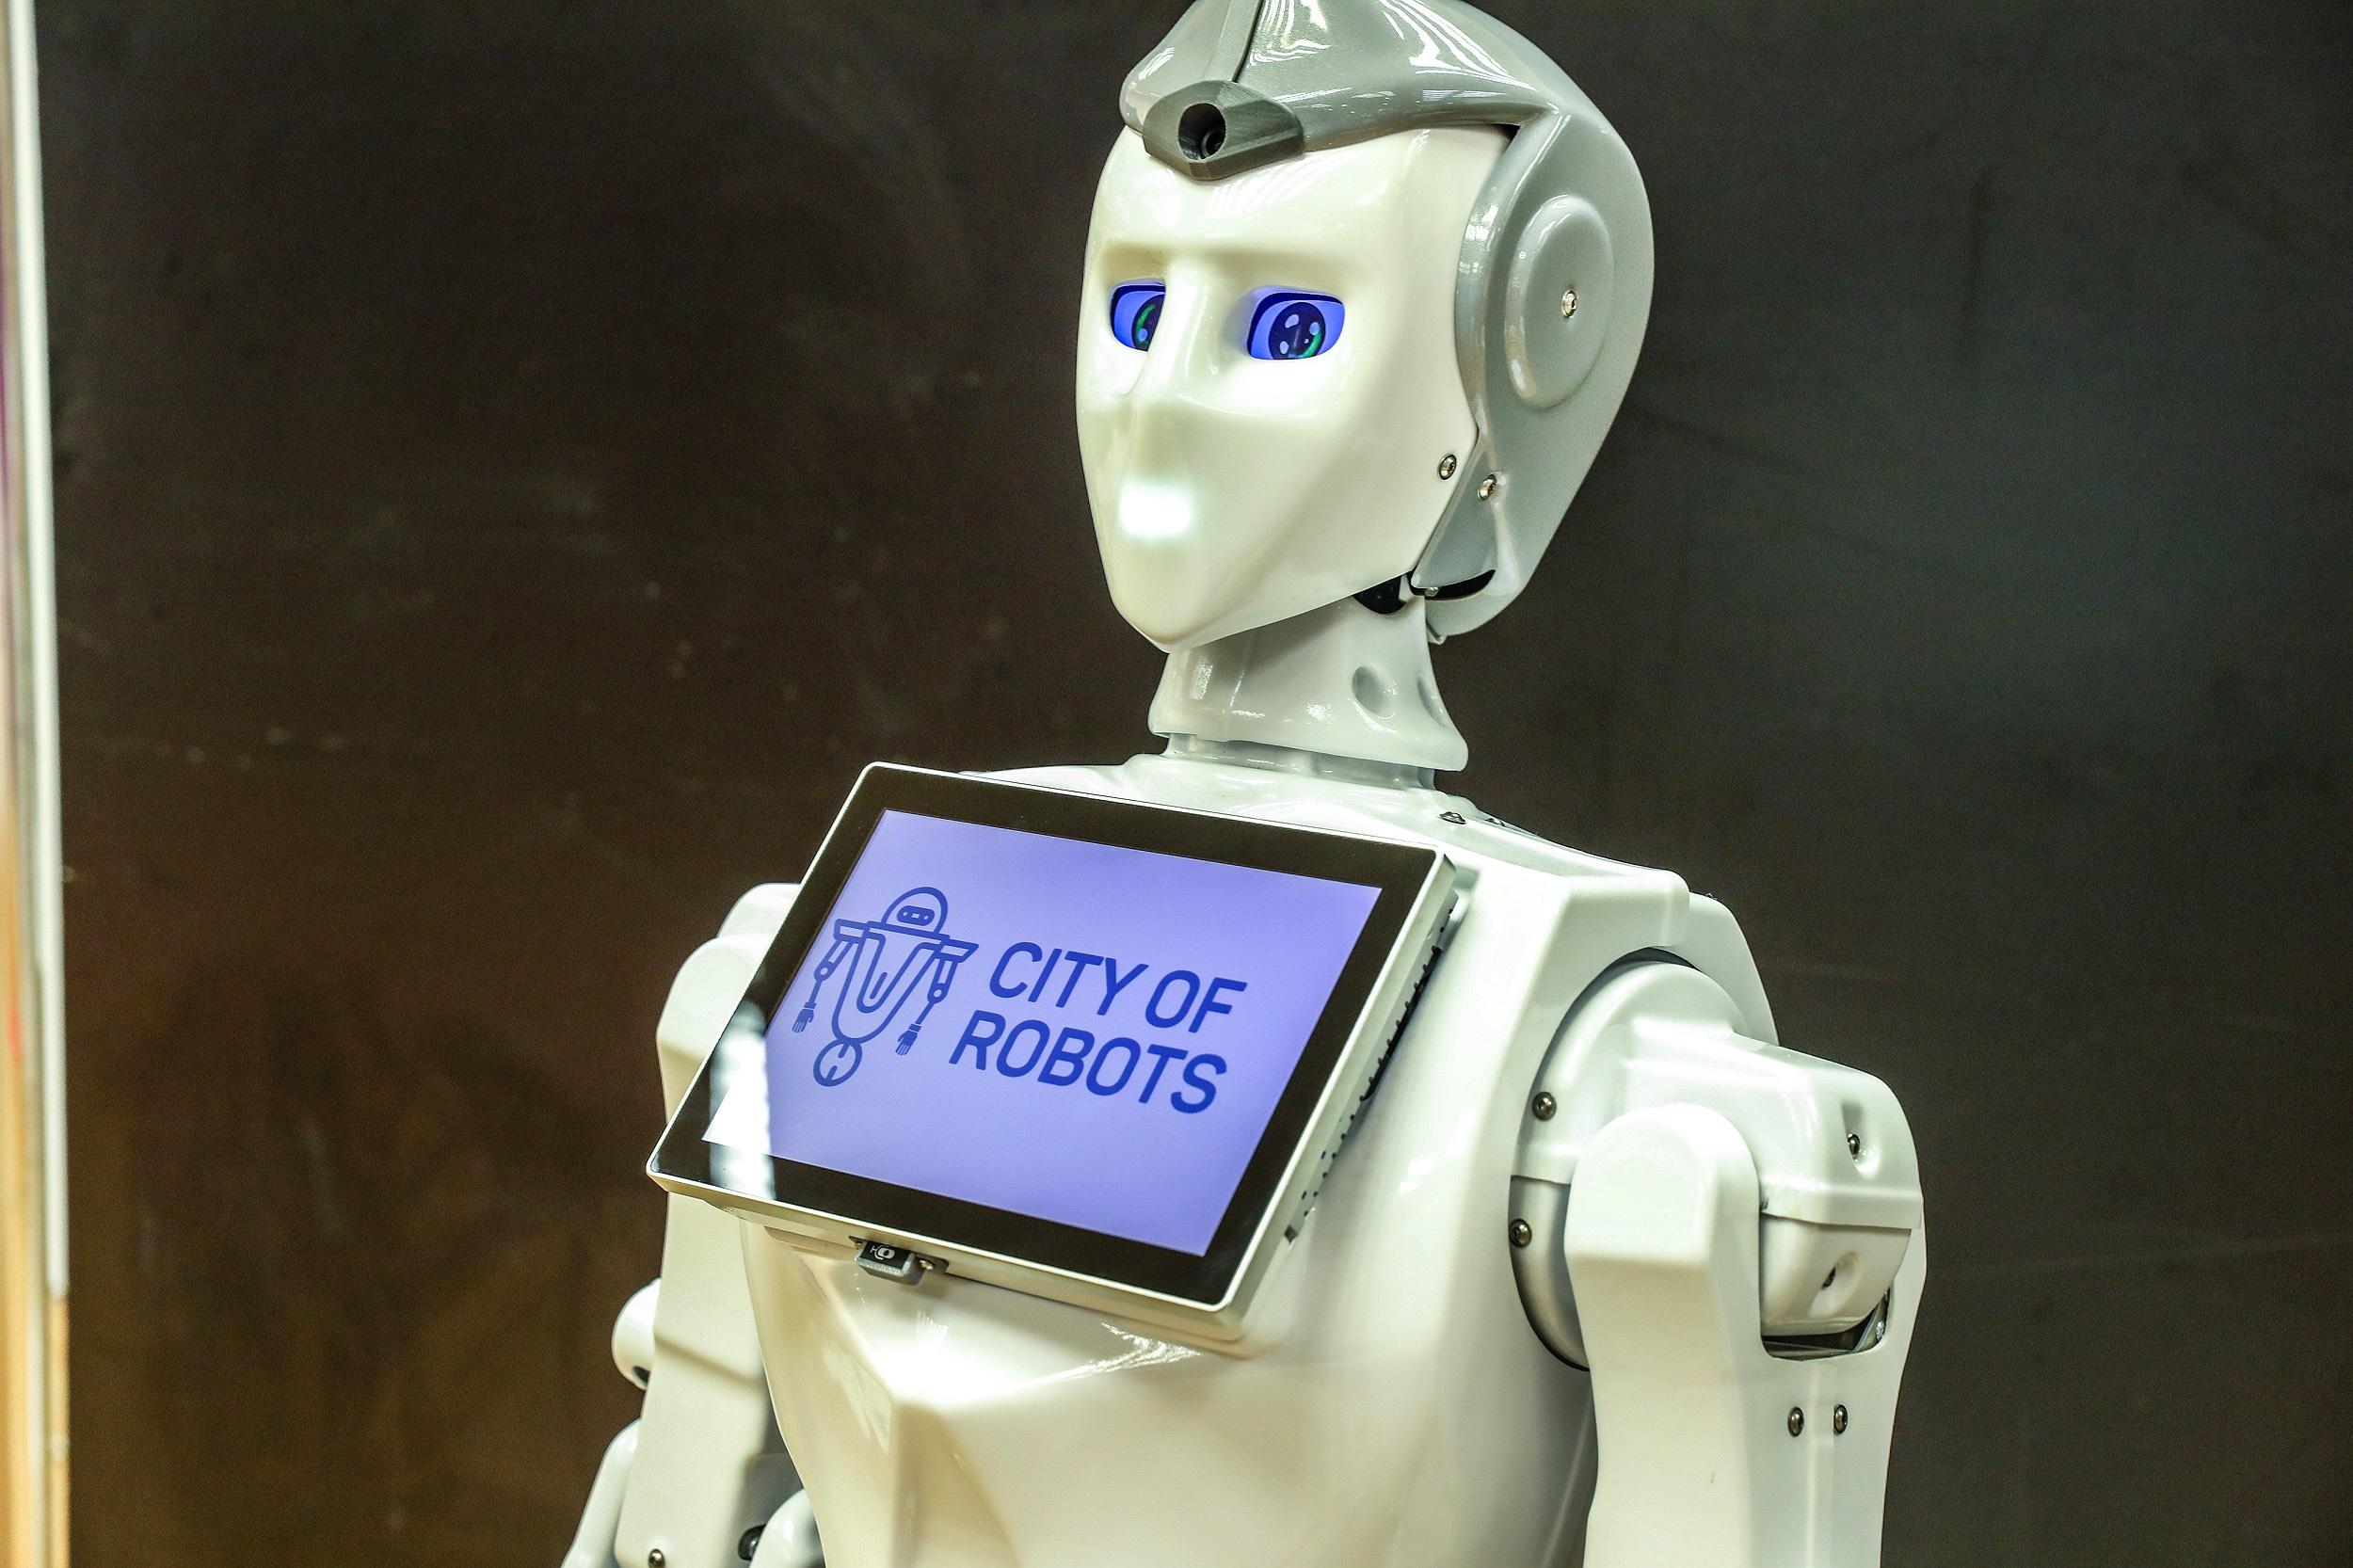 prekybos robotų ypatybės